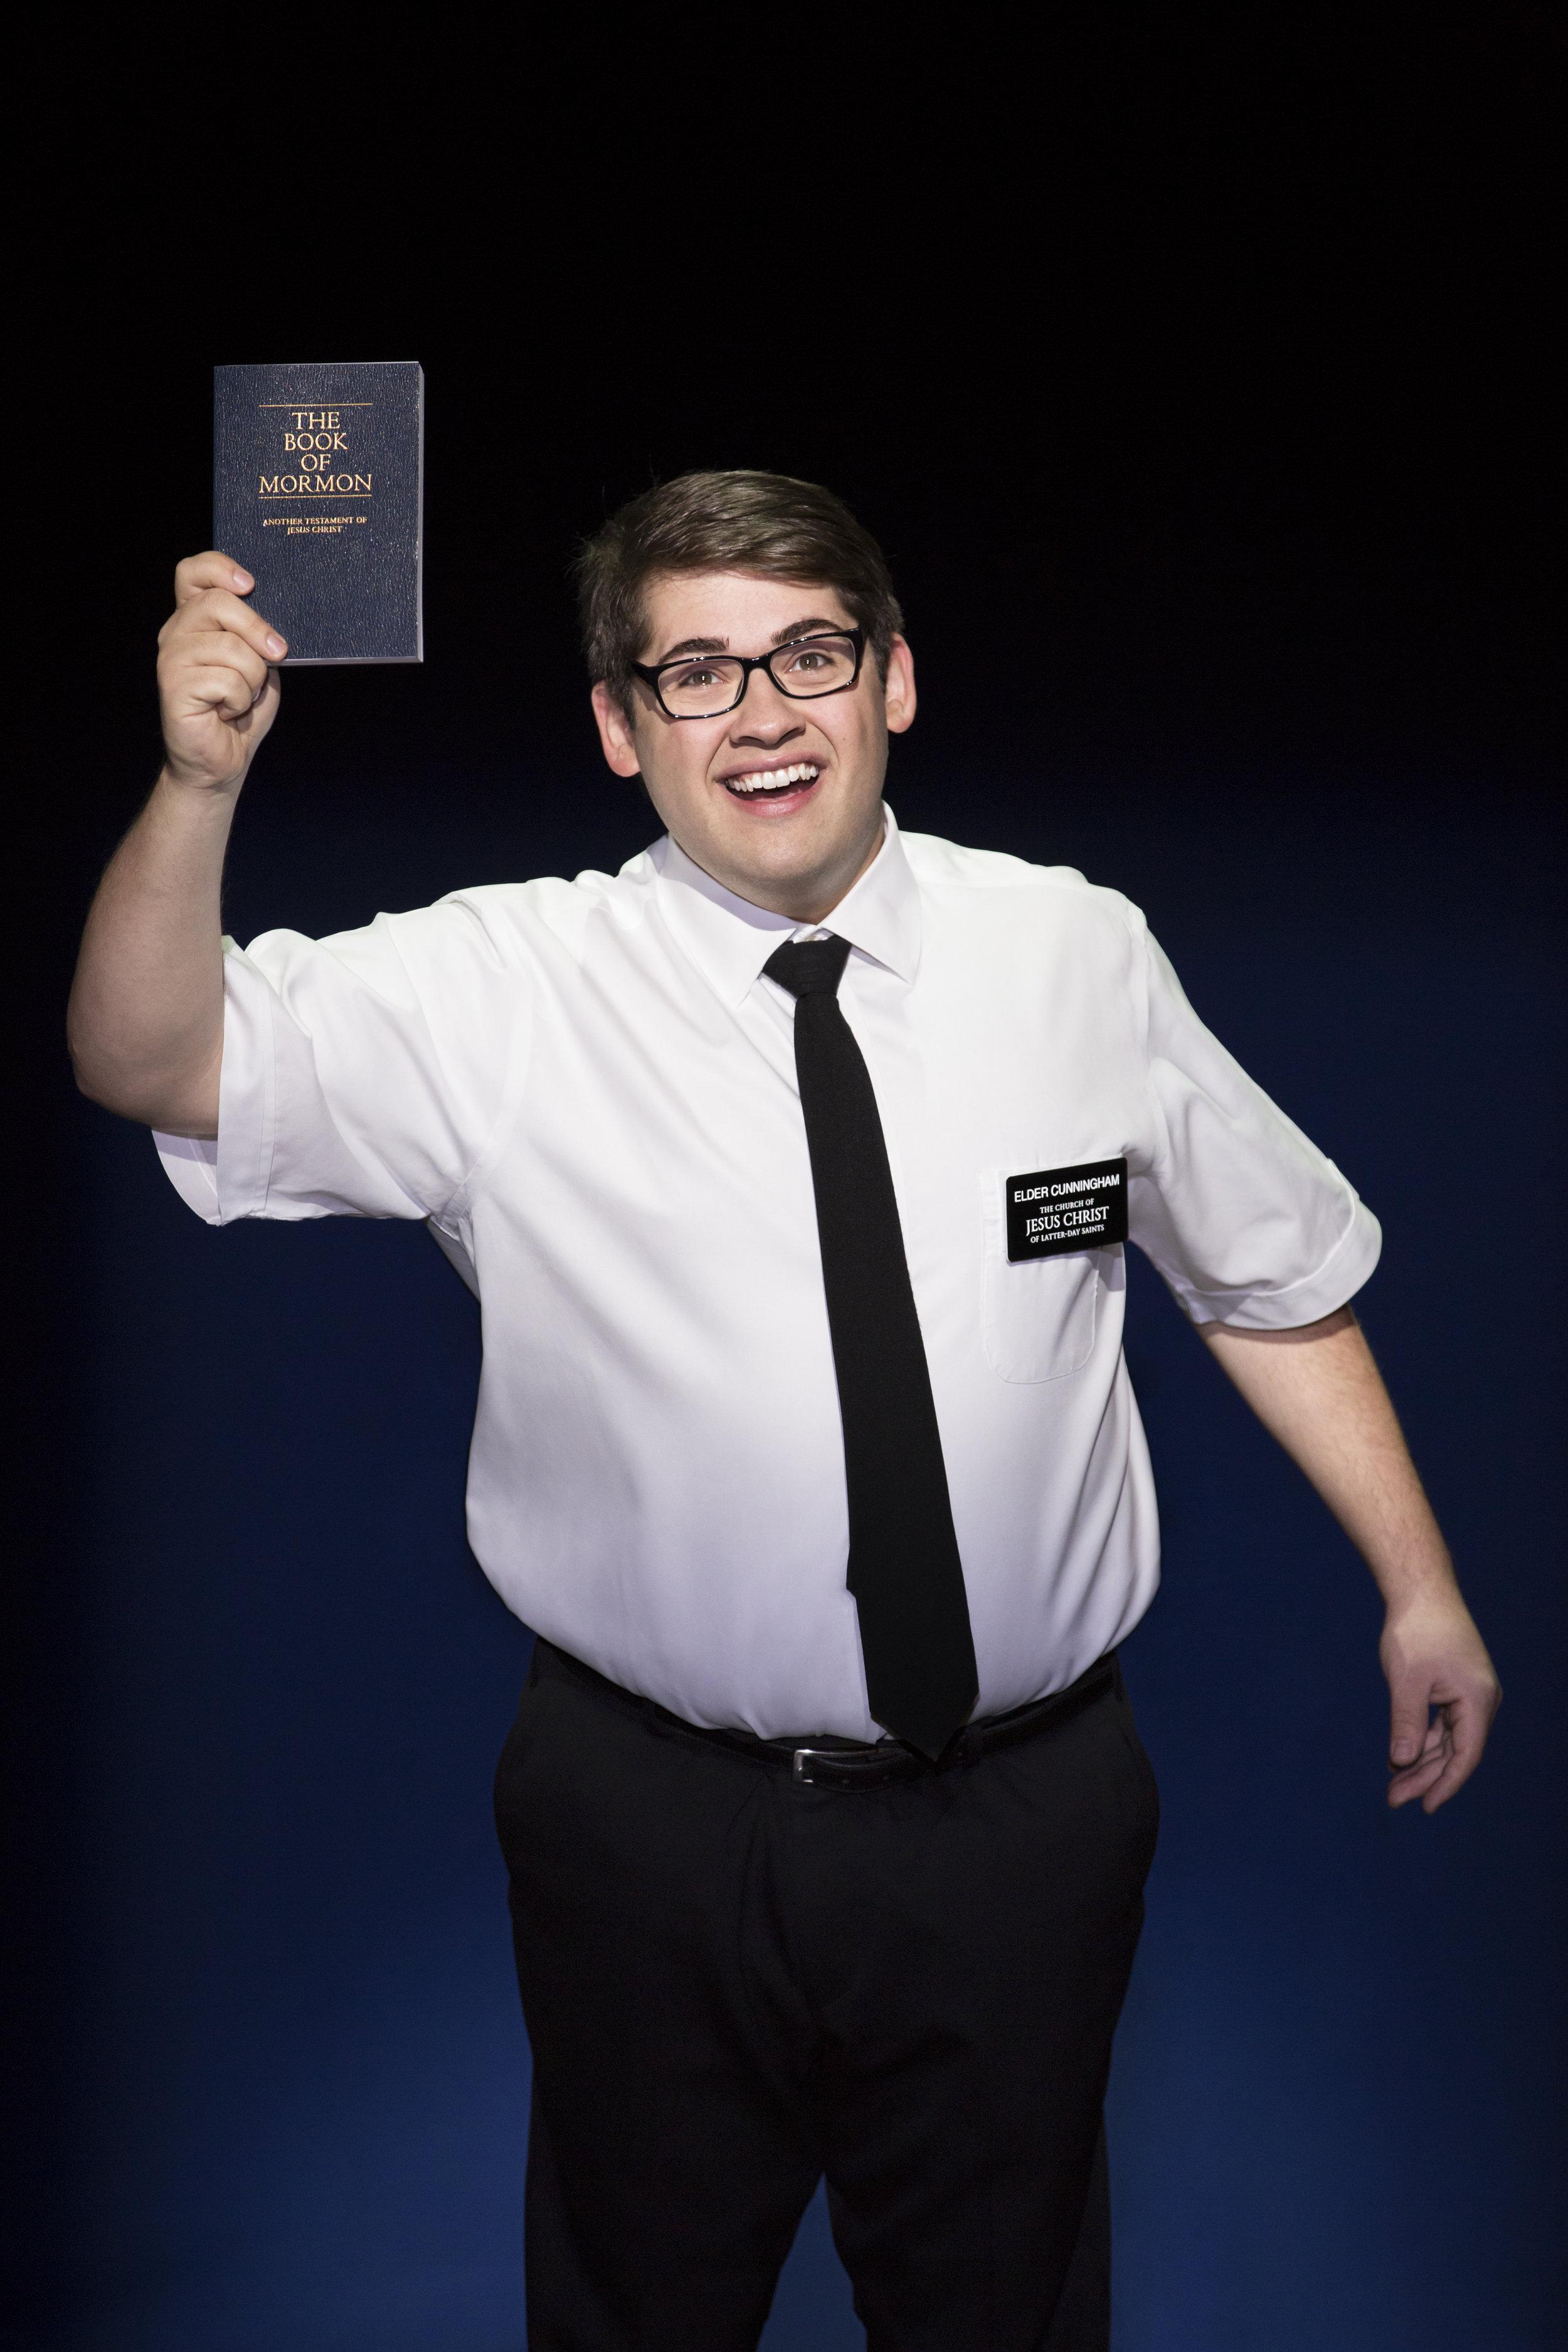 Conner Peirson - The Book of Mormon (c) Julieta Cervantes 2017.jpg